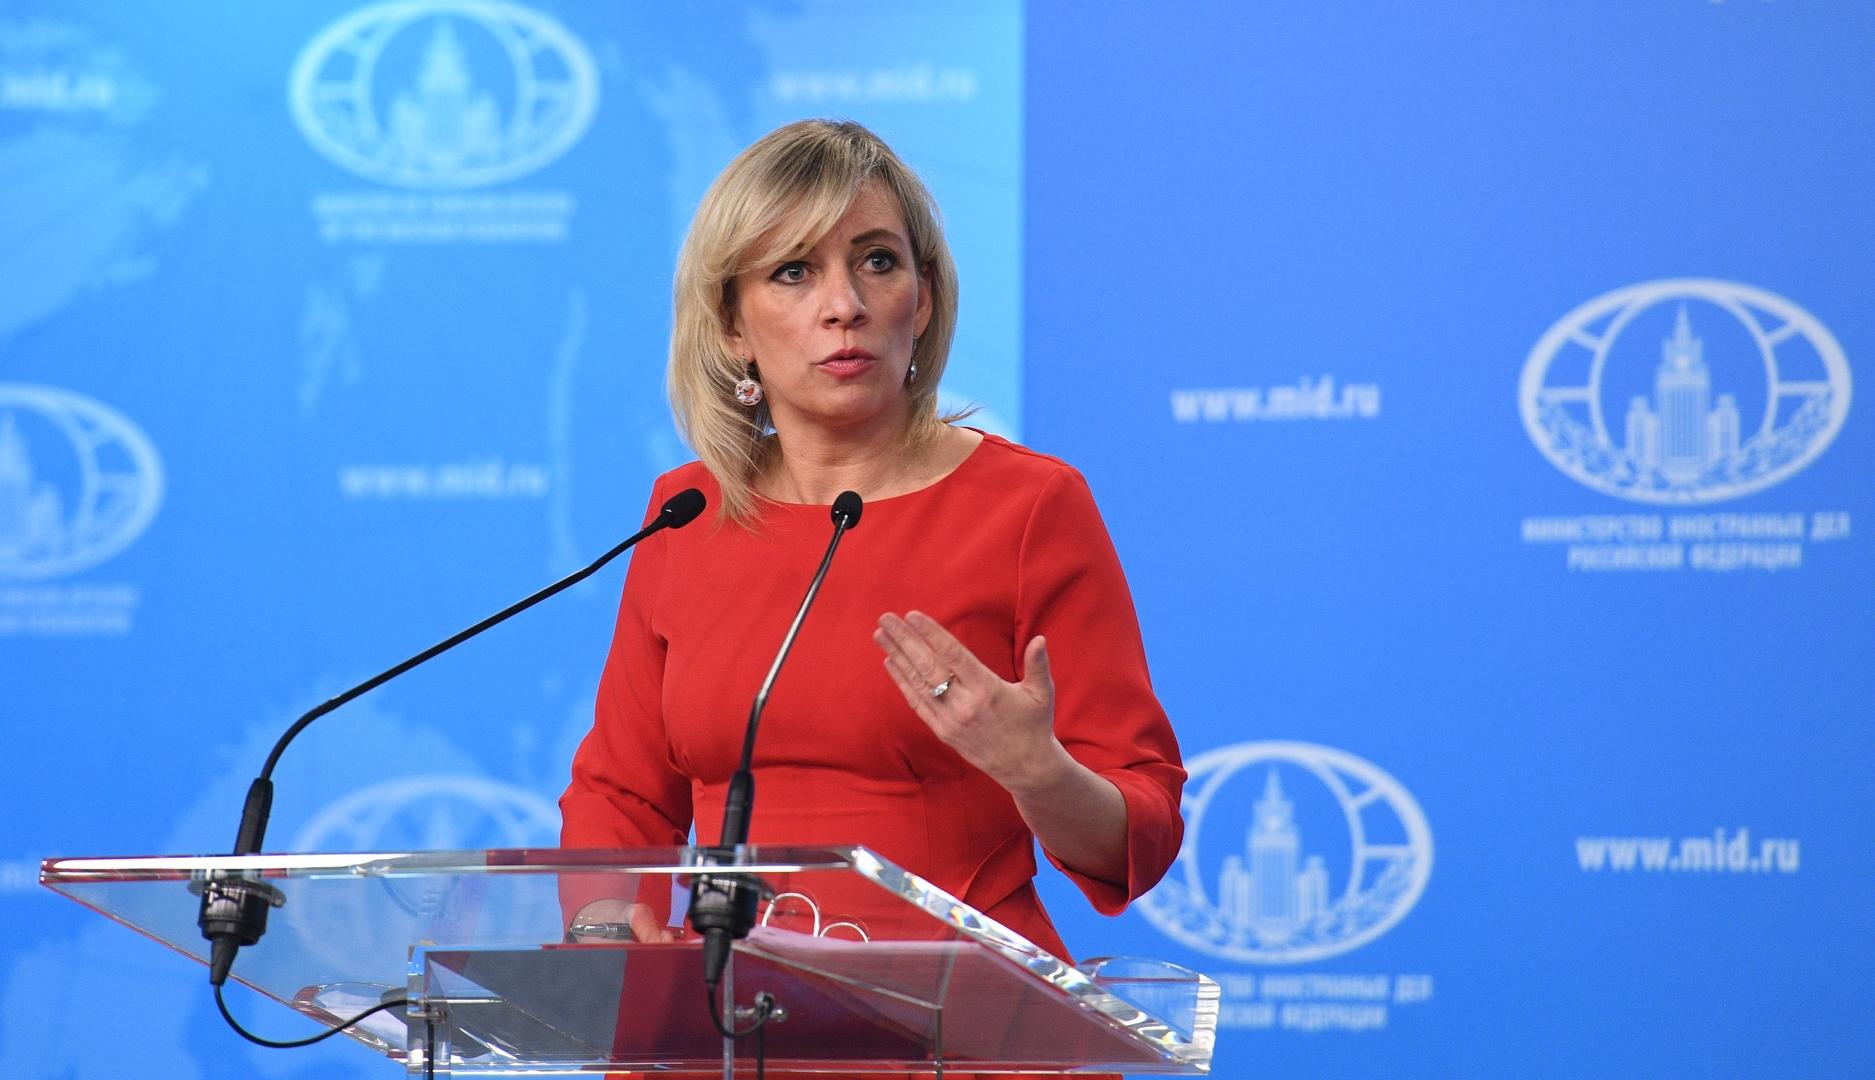 موسكو: دولة ثالثة وراء قضية اعتقال الروس في بيلاروس